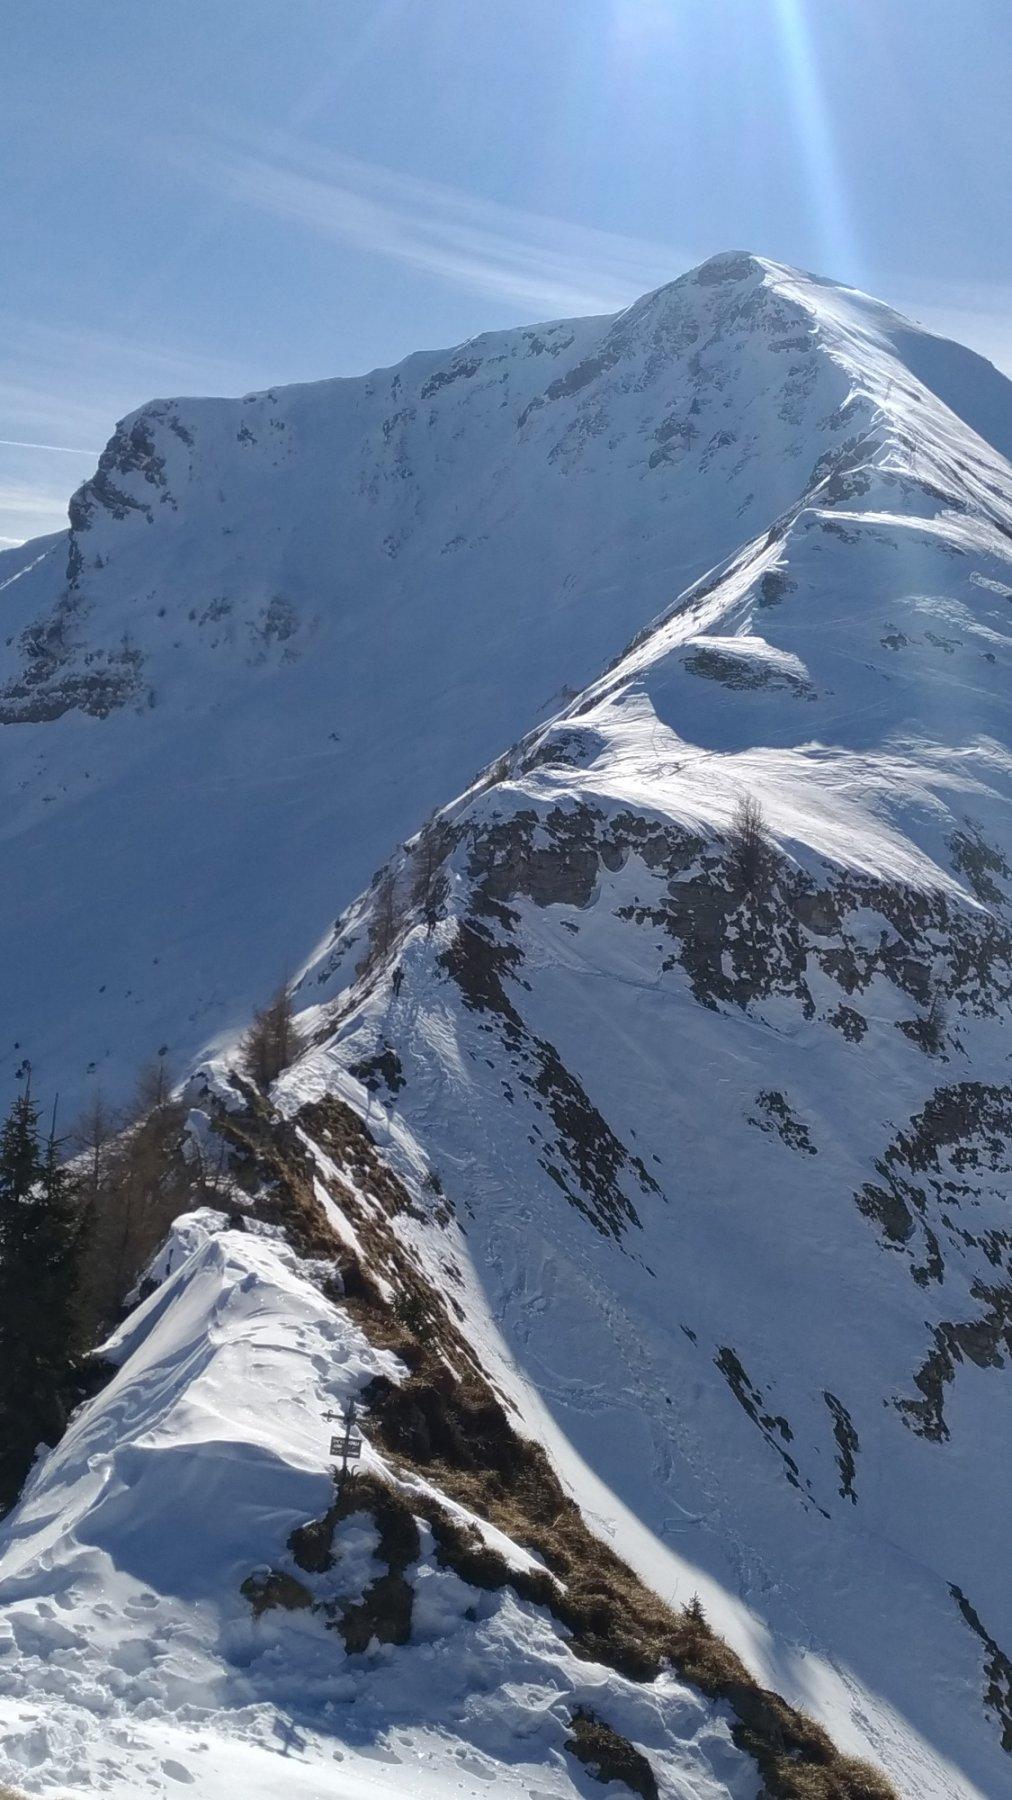 Crinale Benfit. Al centro, il salto di roccia e due sci-alpinisti